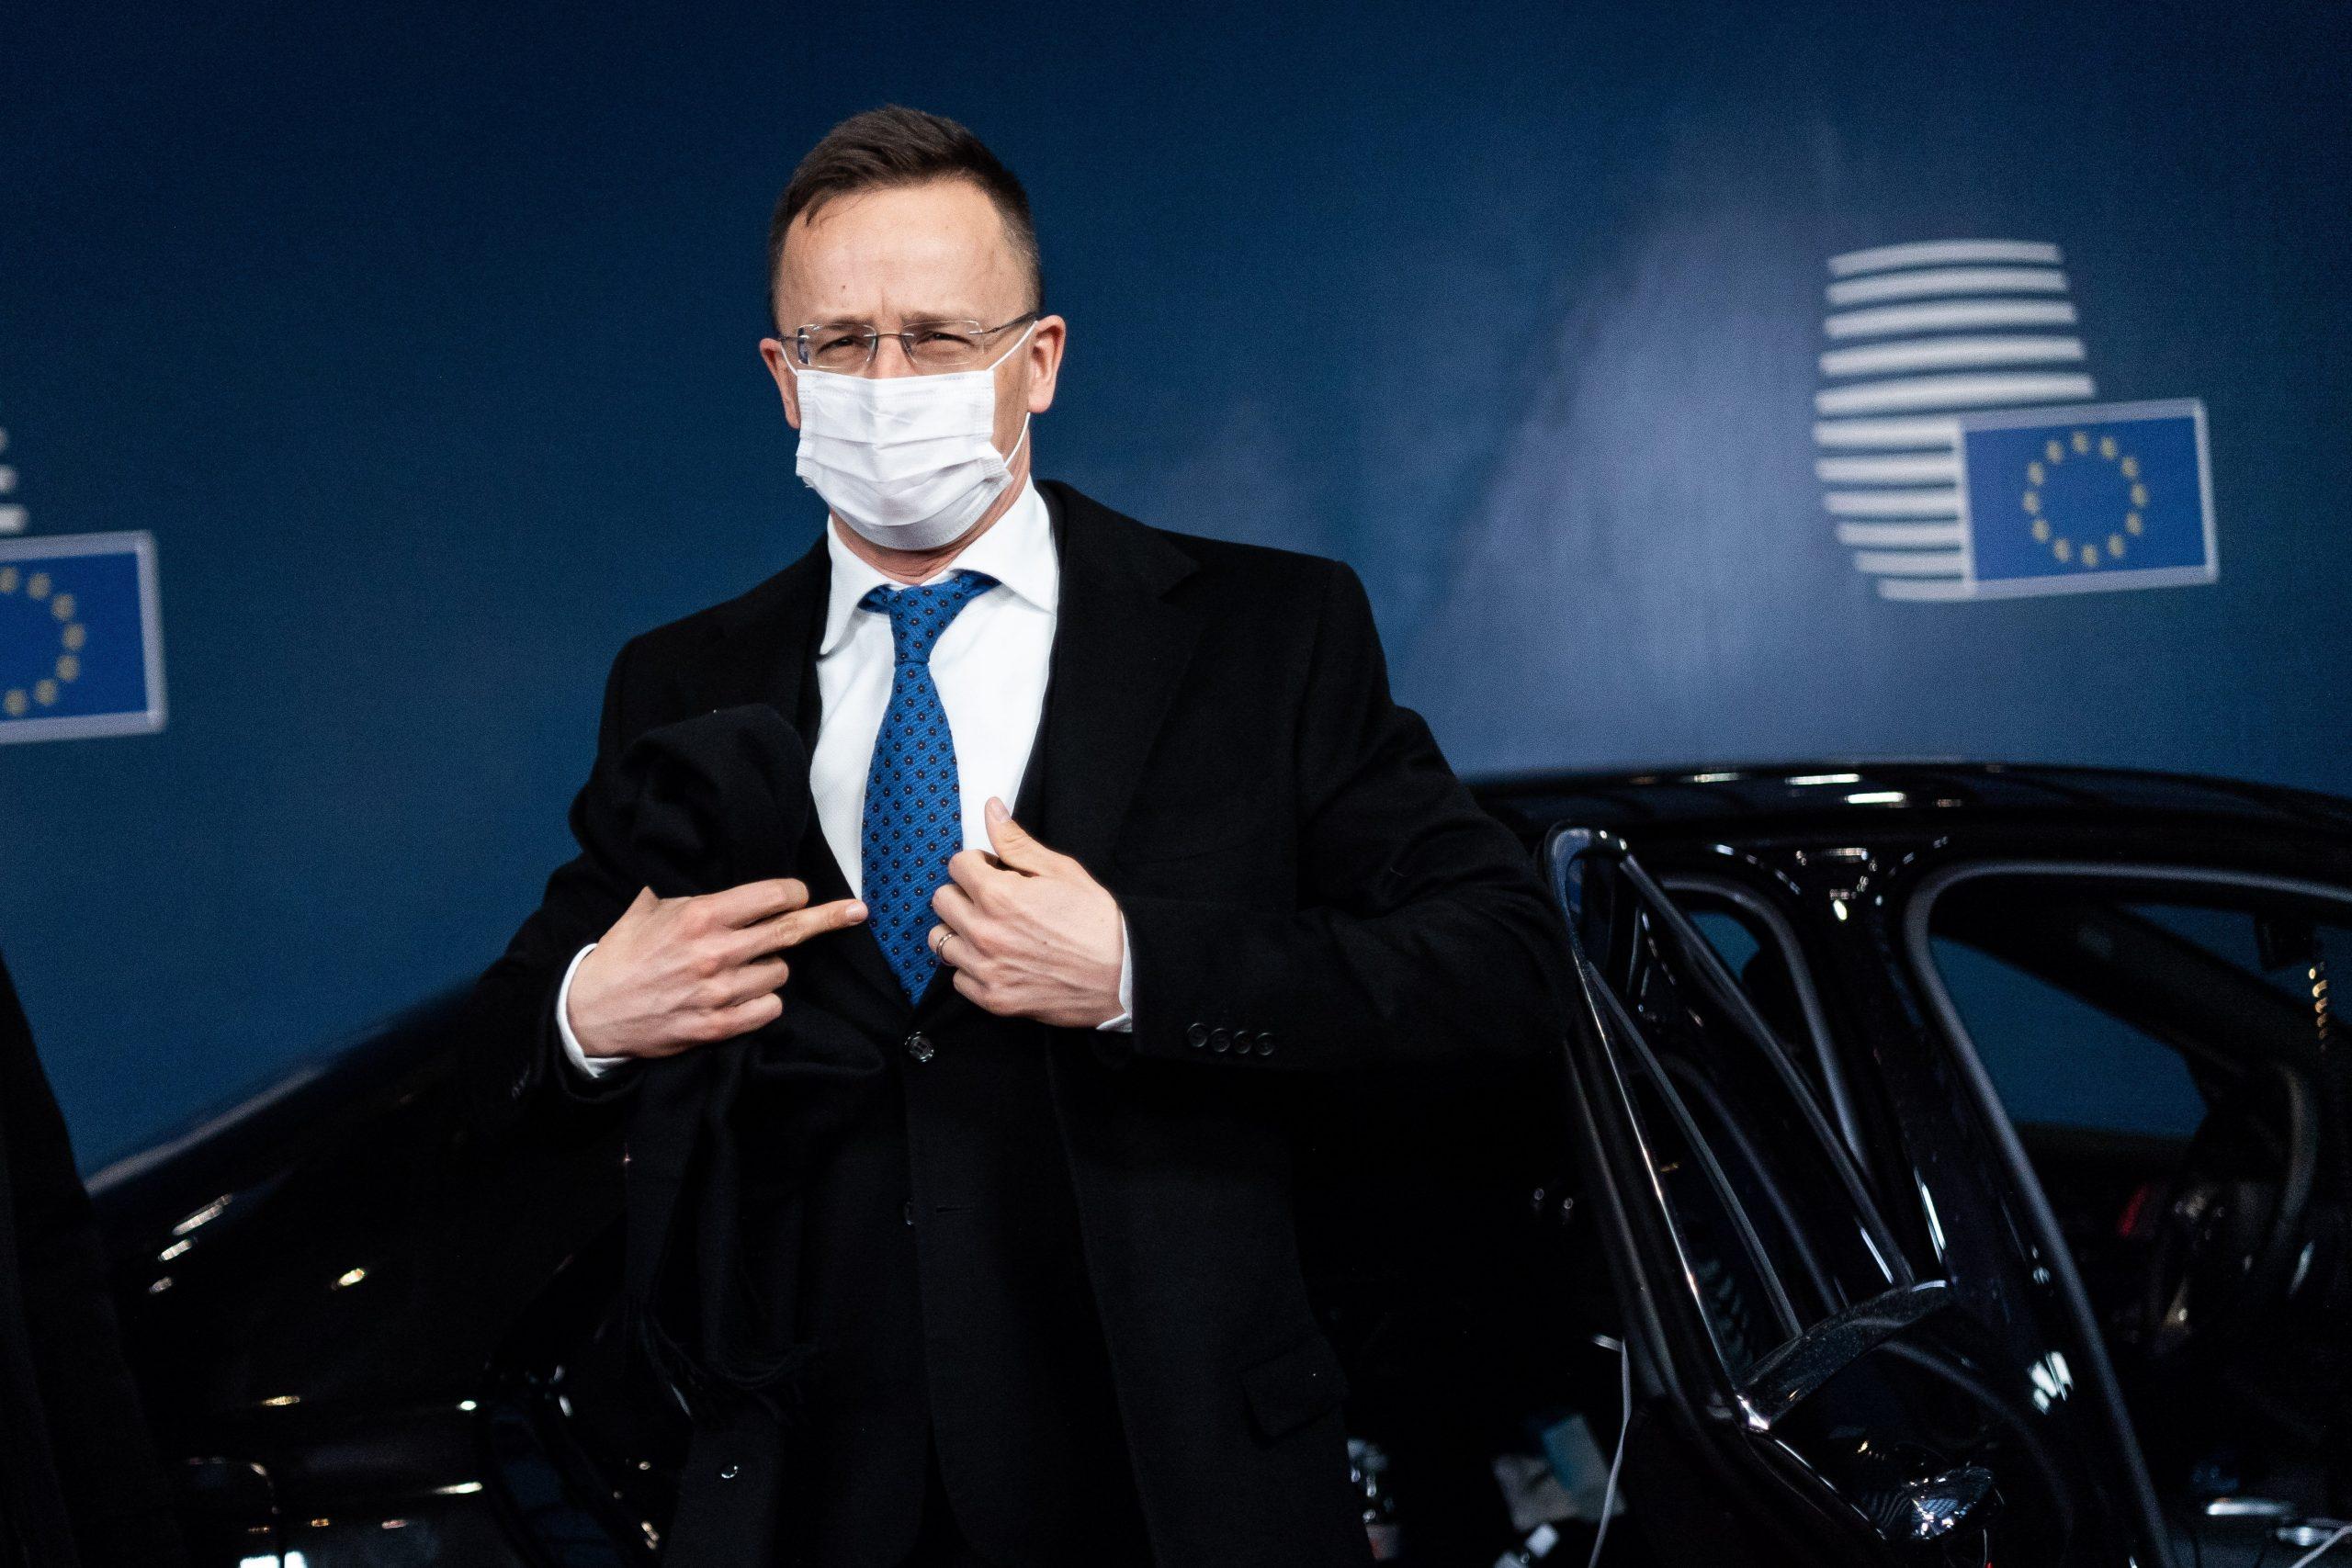 Budapost: Außenminister Szijjártó kritisiert EU-Sanktionen gegen China